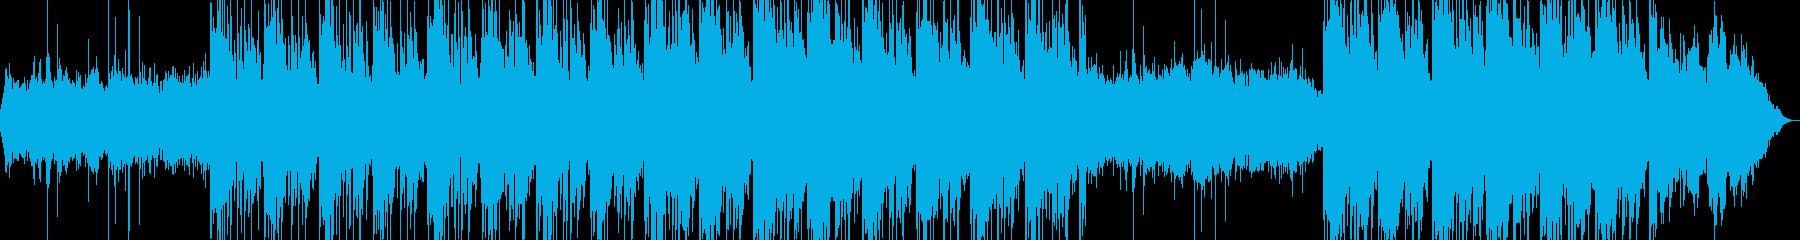 軽めのピアノが特徴温かく繊細なチルアウトの再生済みの波形